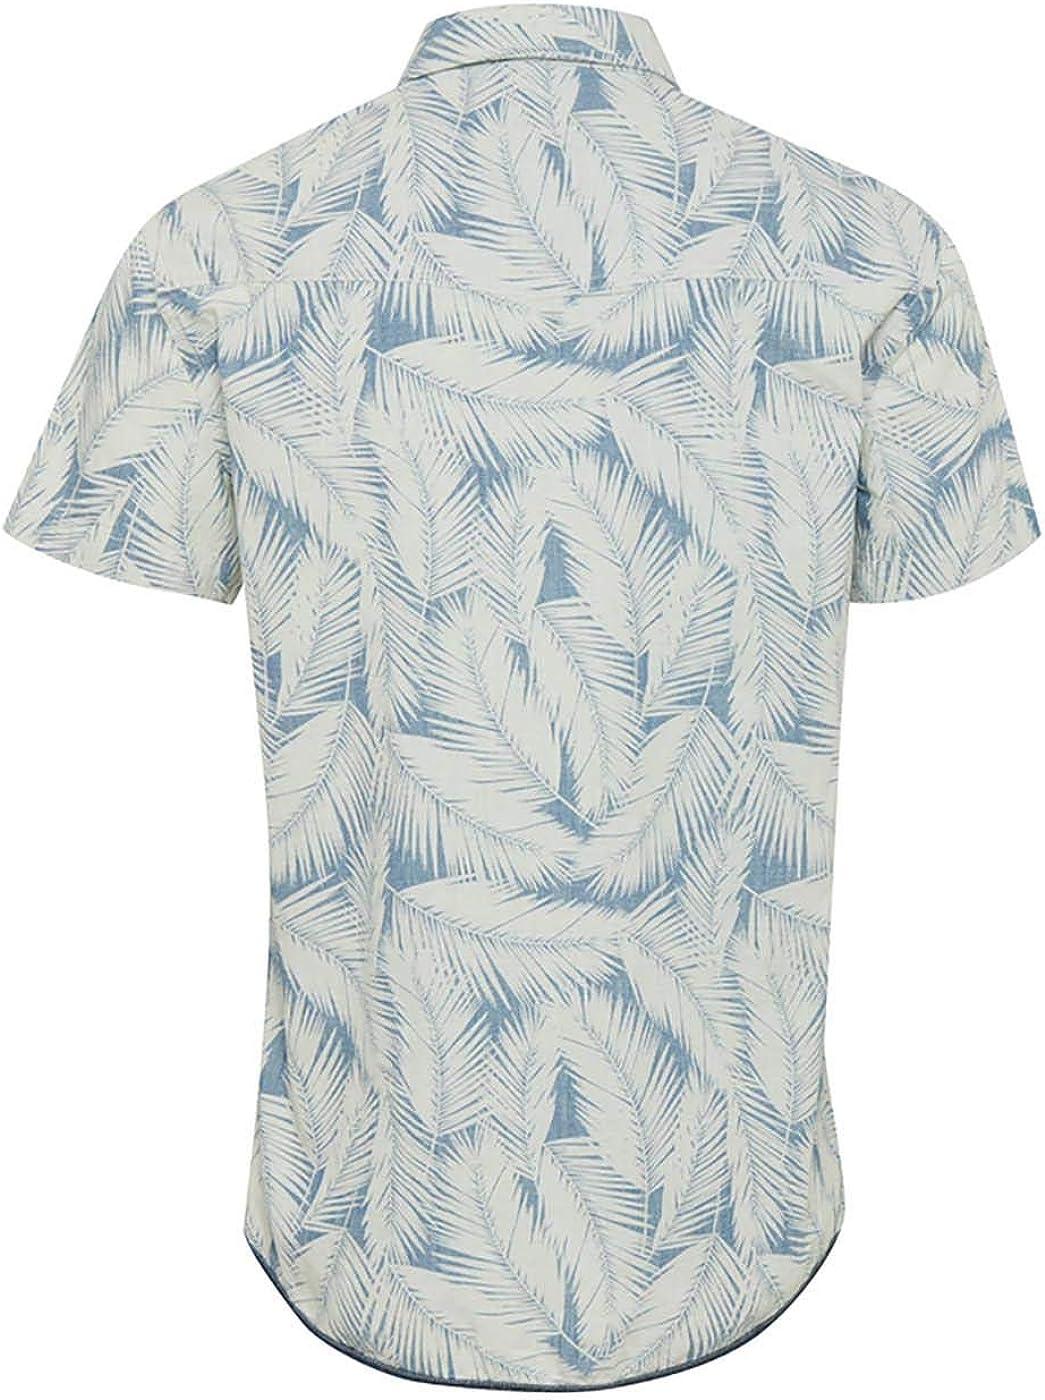 BLEND Camisa Denim Estampado Palmera: Amazon.es: Ropa y accesorios